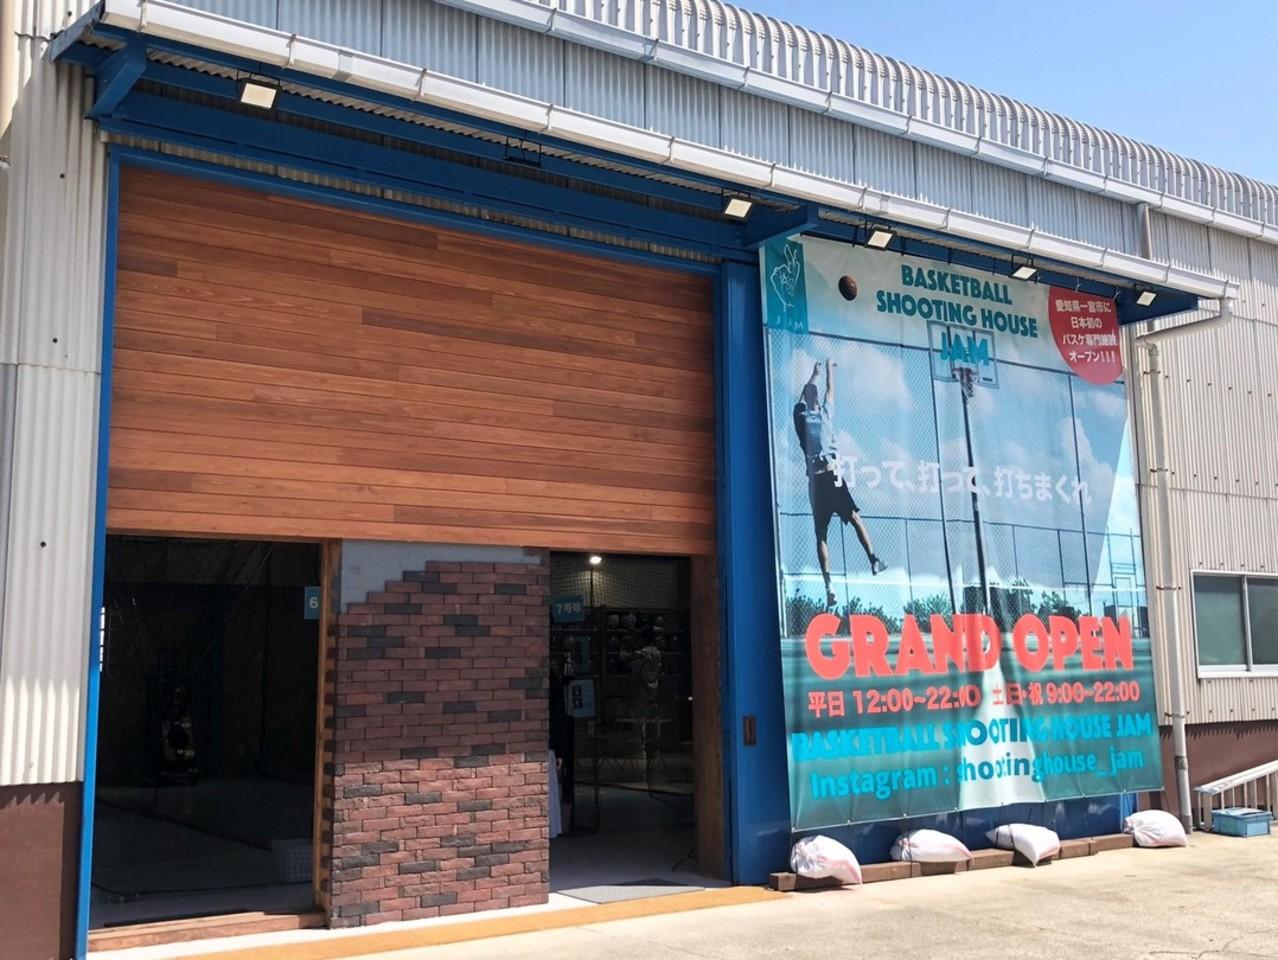 シュート練習専門施設...愛知県一宮市浅野大島に「シューティングハウスジャム」5/4グランドオープン